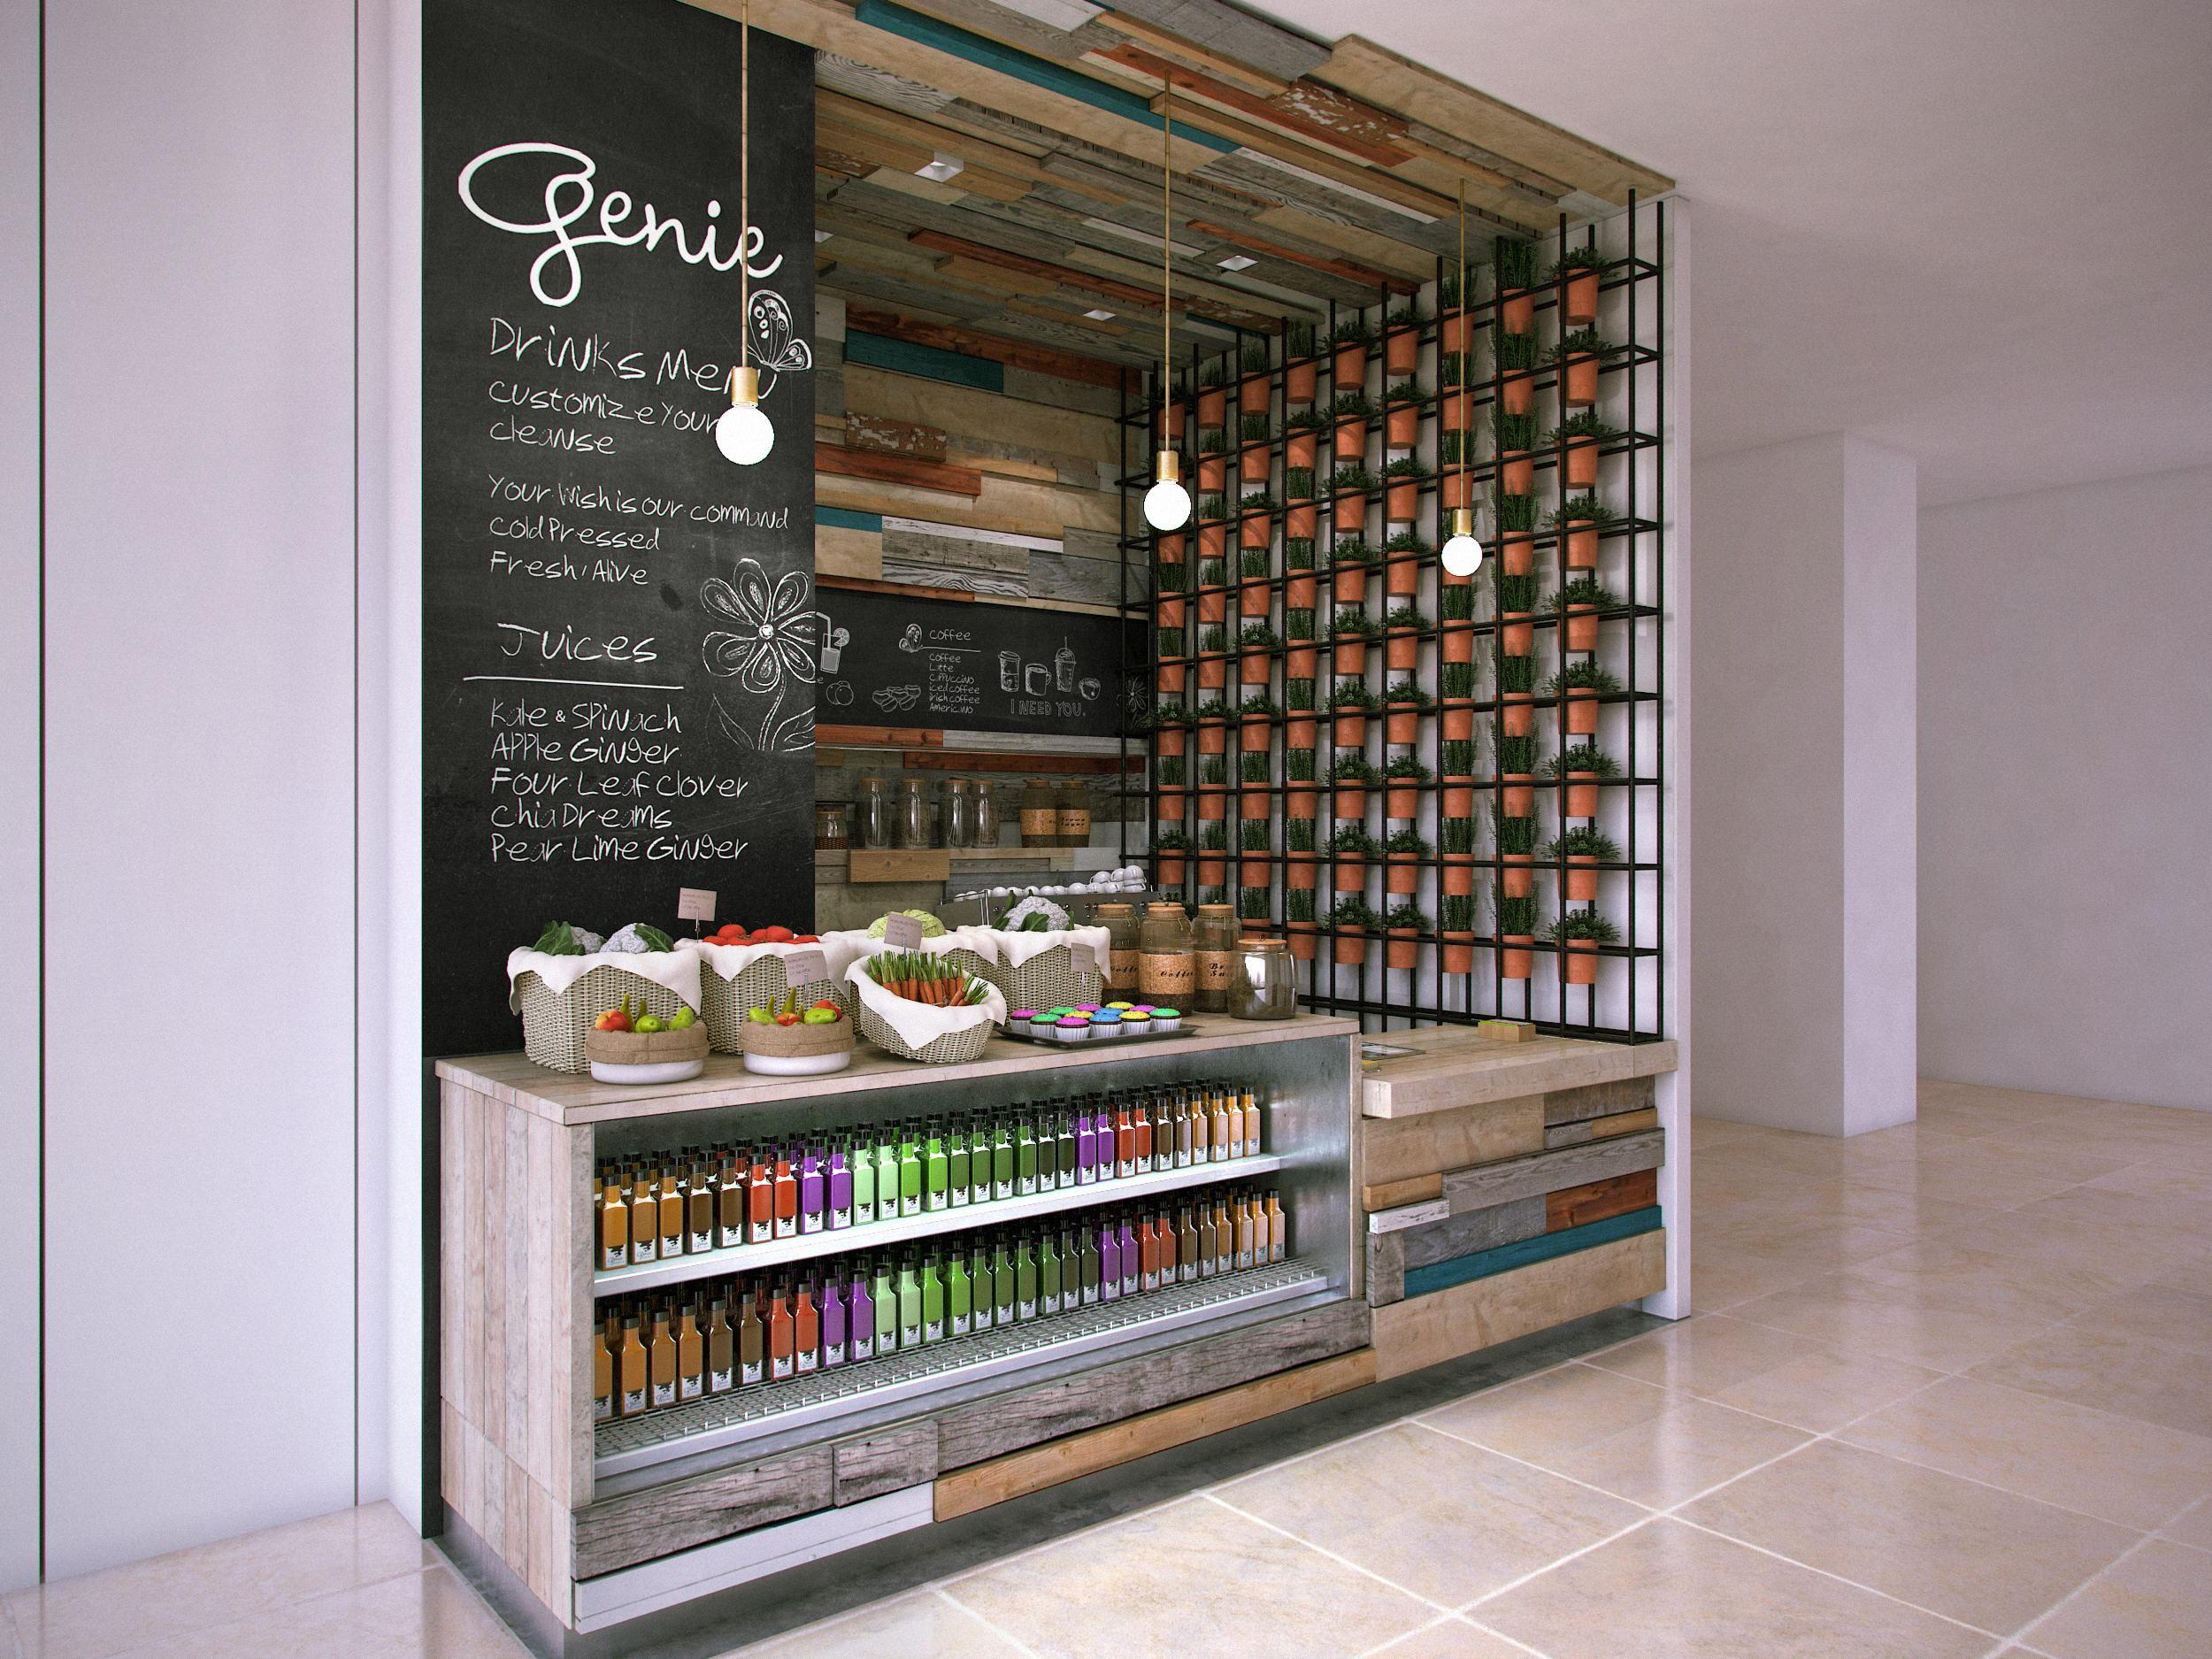 Genie juice bar mitchel squires associates architecture interior design